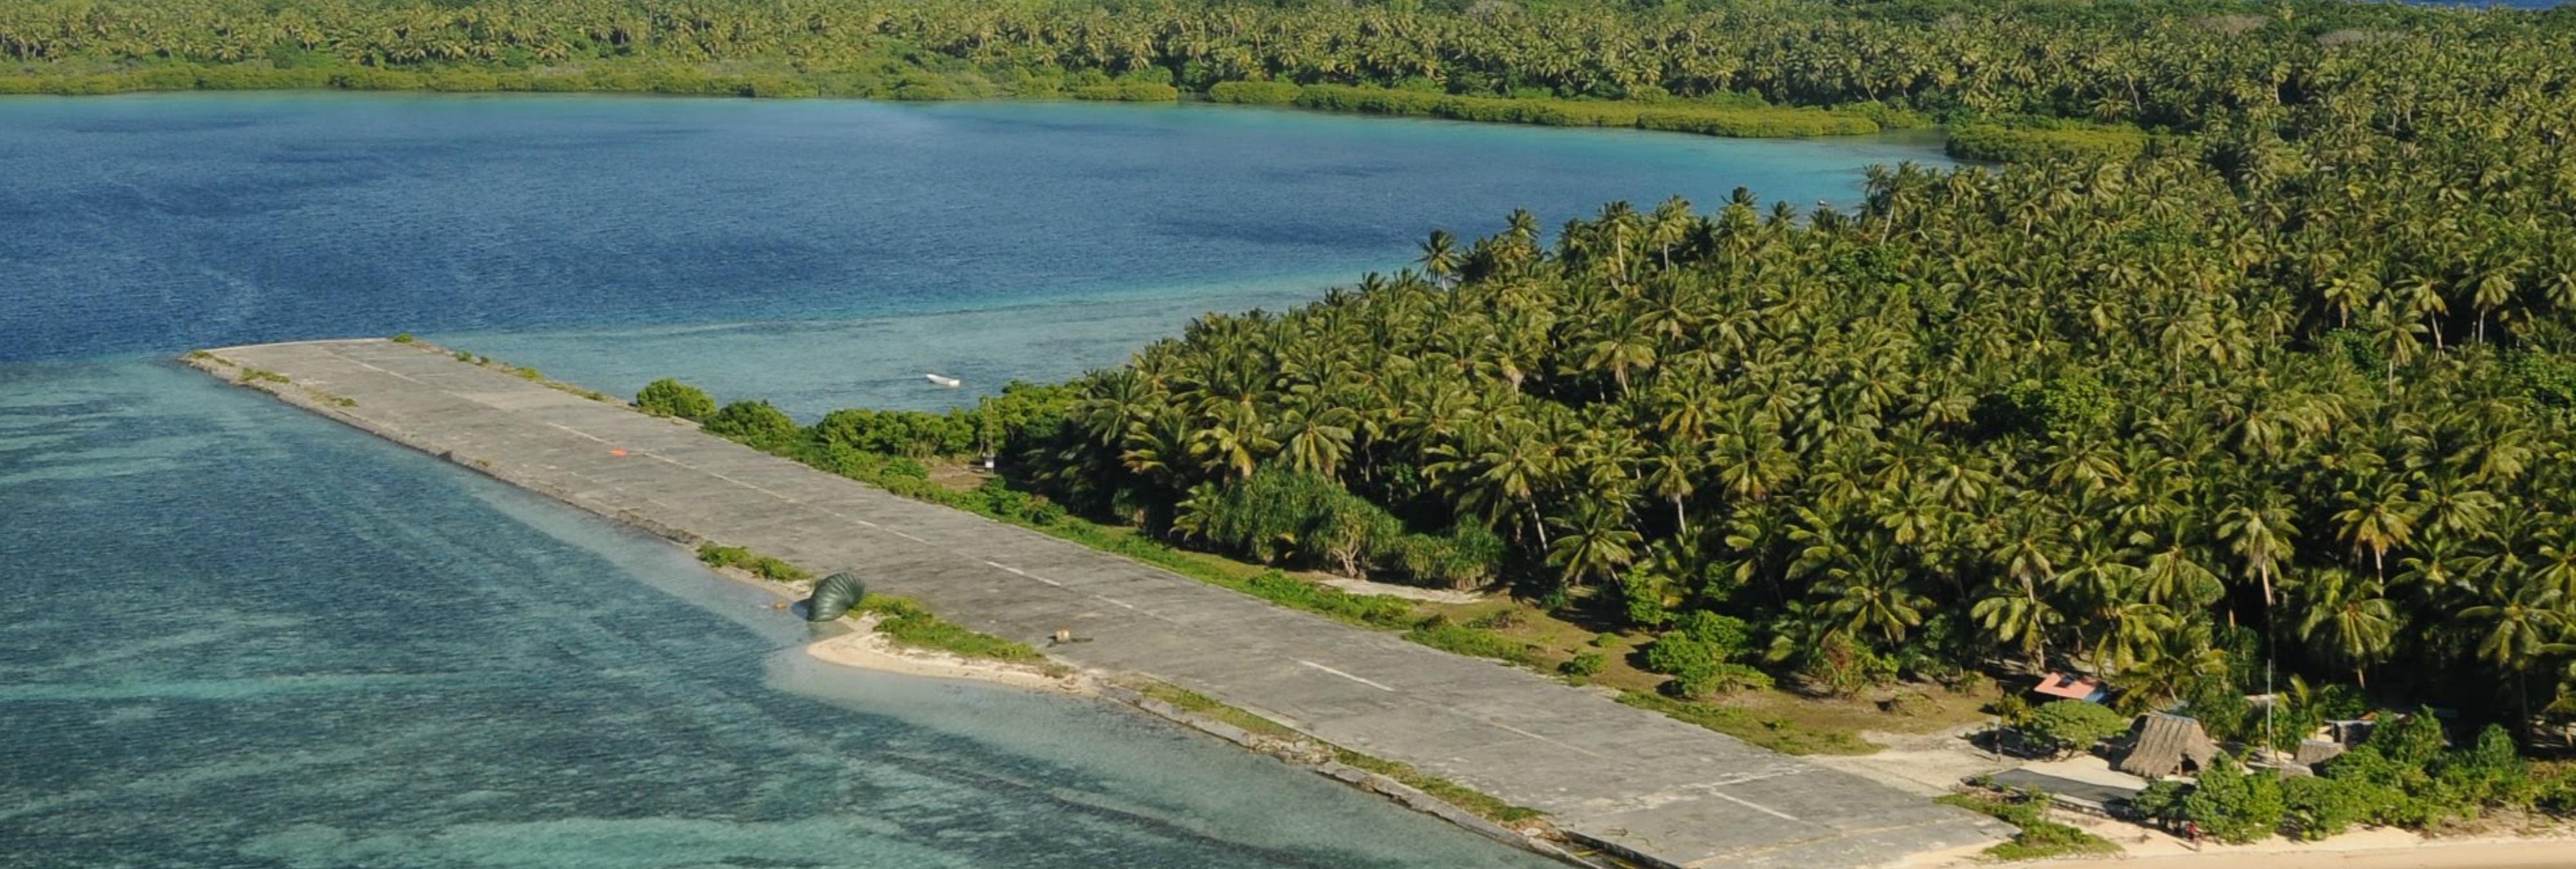 Pingelap, la isla donde parte de sus habitantes solo ven en blanco y negro